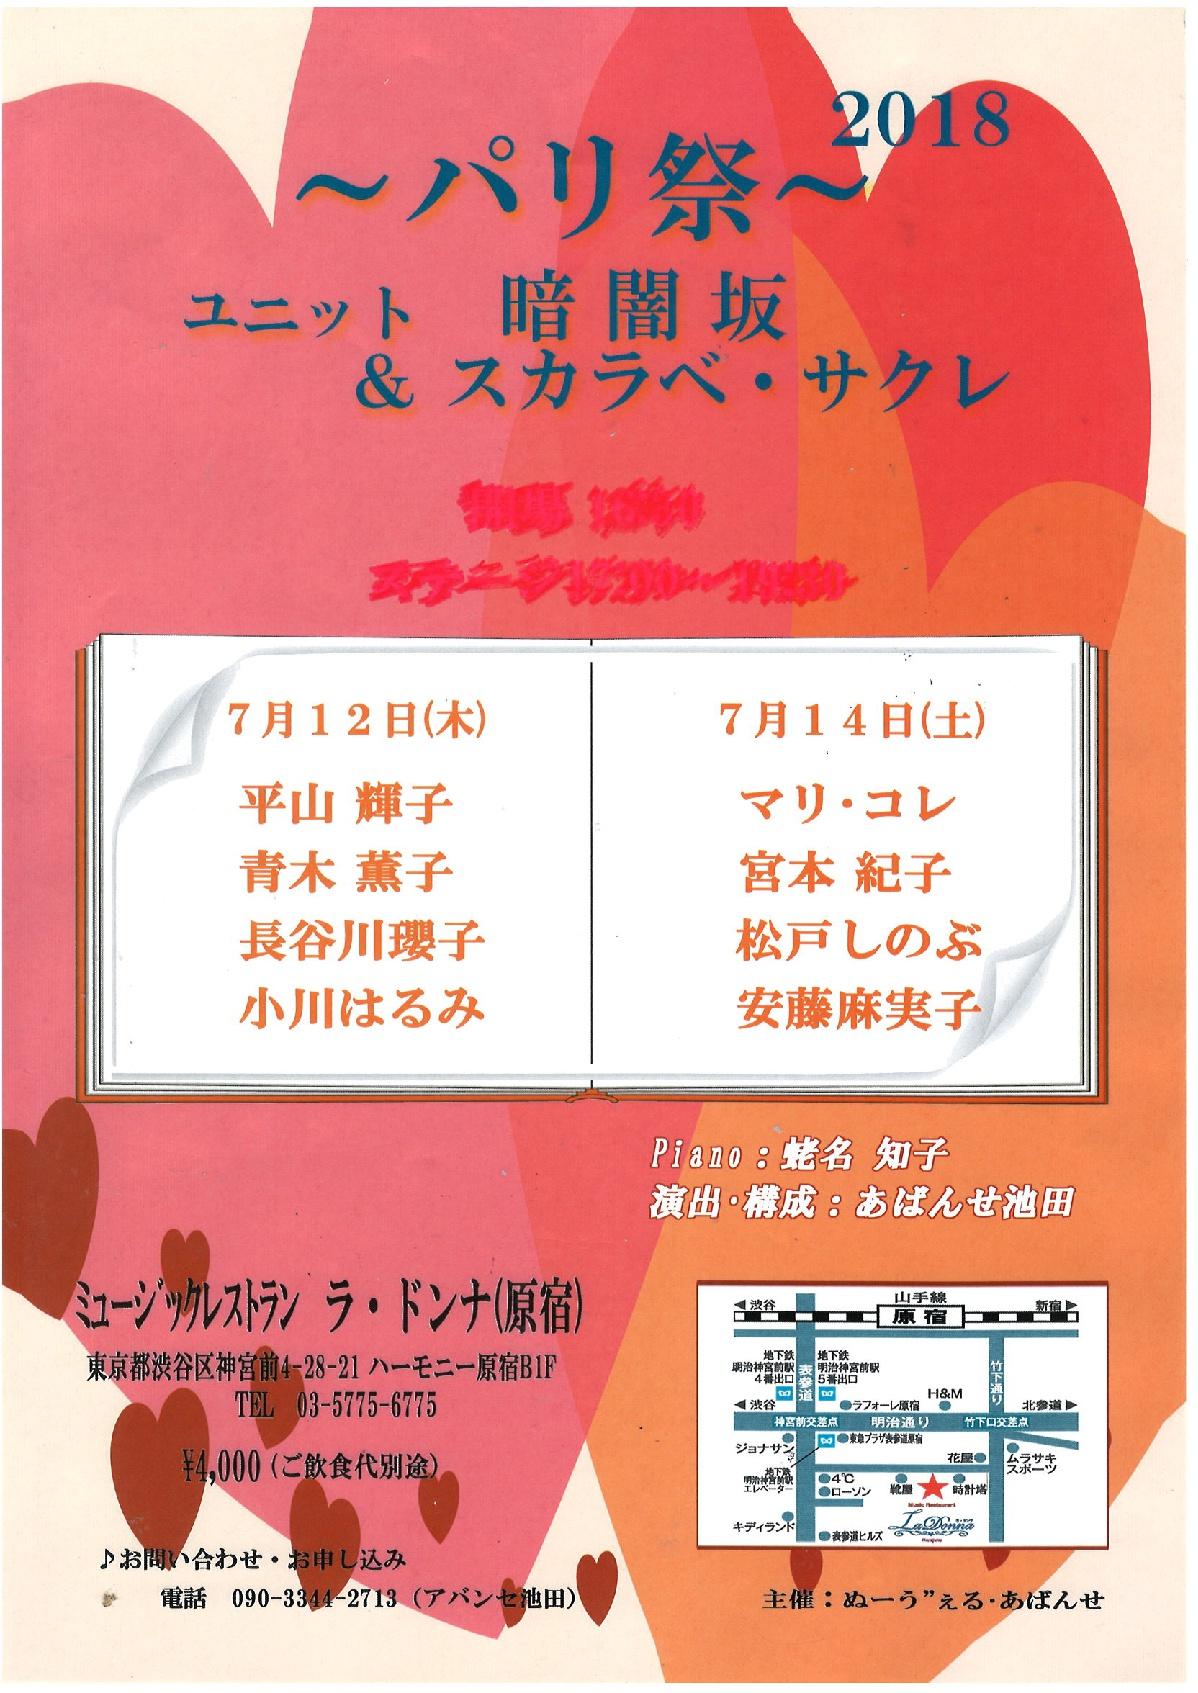 2018~パリ祭~ vol.2 ユニット 暗闇坂&スカラベ・サクレ